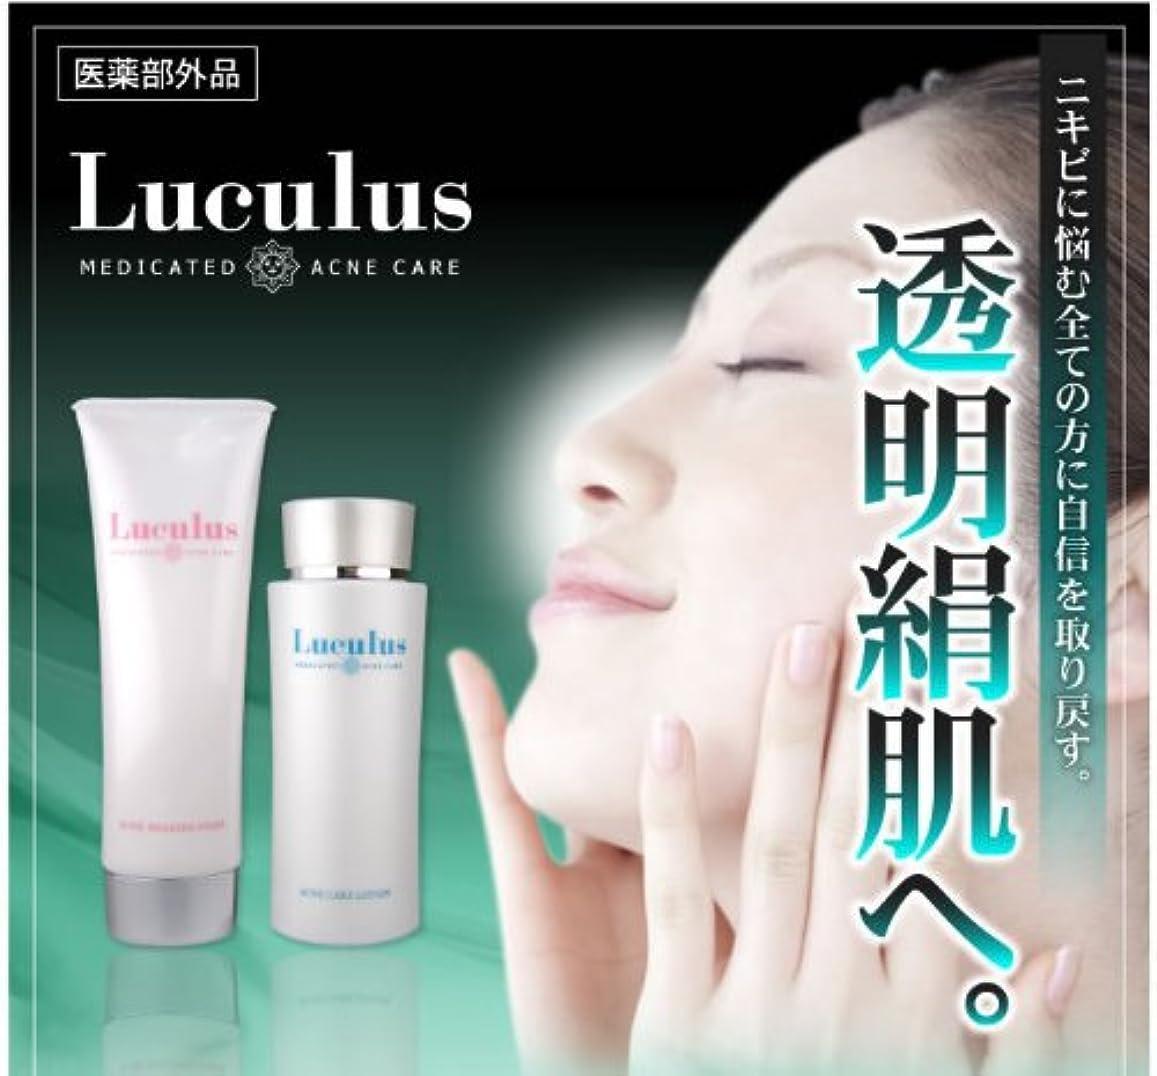 風景ジェーンオースティン基礎薬用アクネケア ルクルス 洗顔フォーム